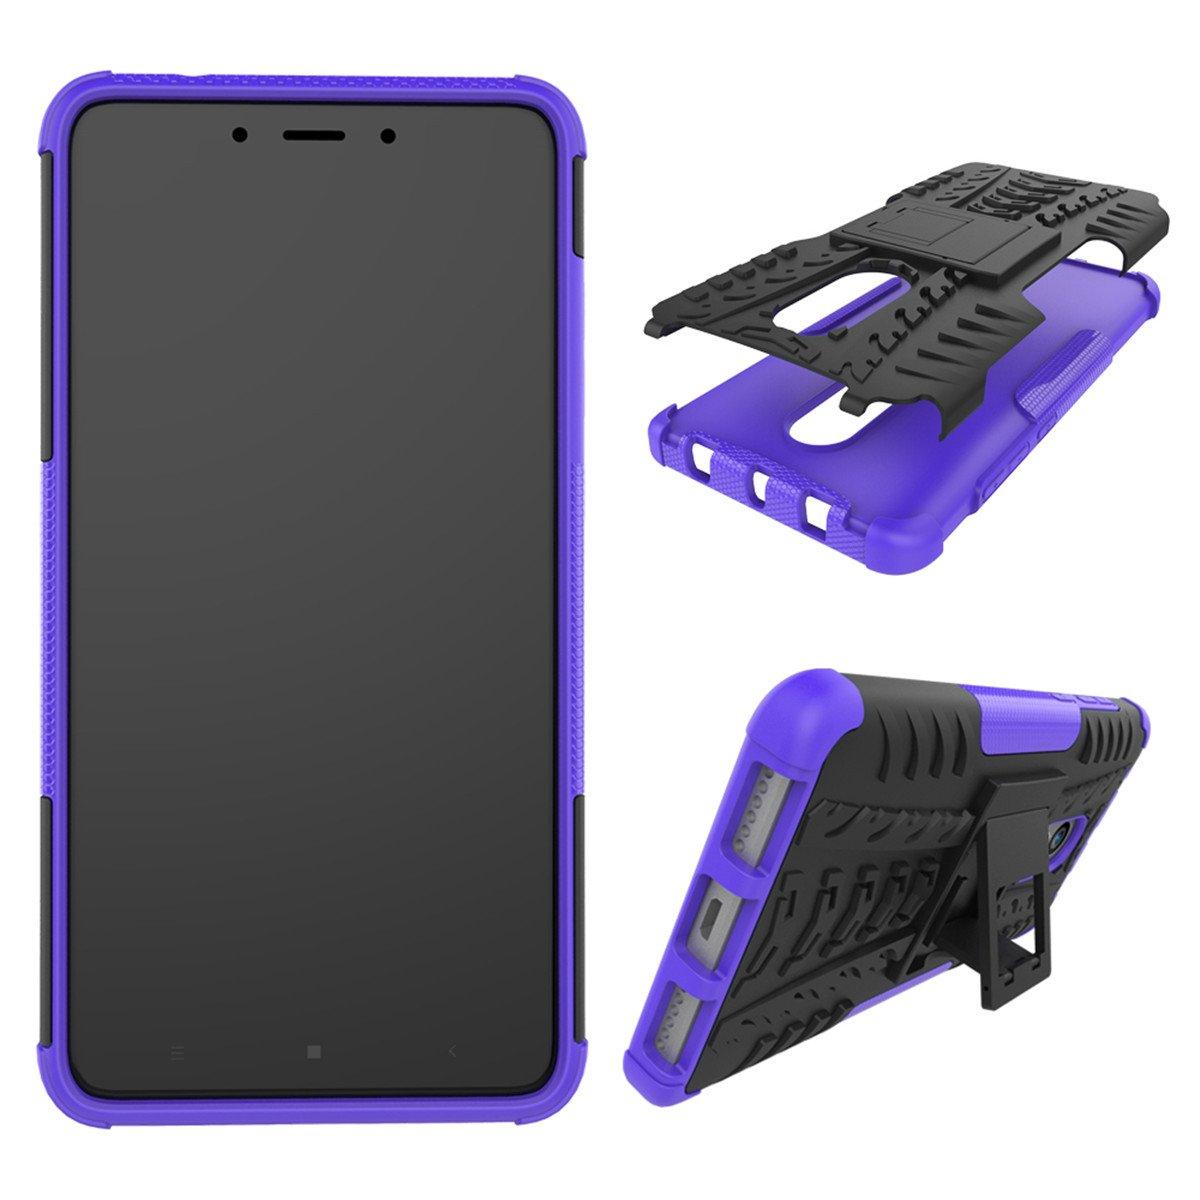 b3792e72386 Happon Funda Xiaomi Redmi Note 4/Redmi Note 4X [Ultra Slim] Estuche  protector Estuche parachoques con excelente amortiguación y antirrayas  Estuche para ...